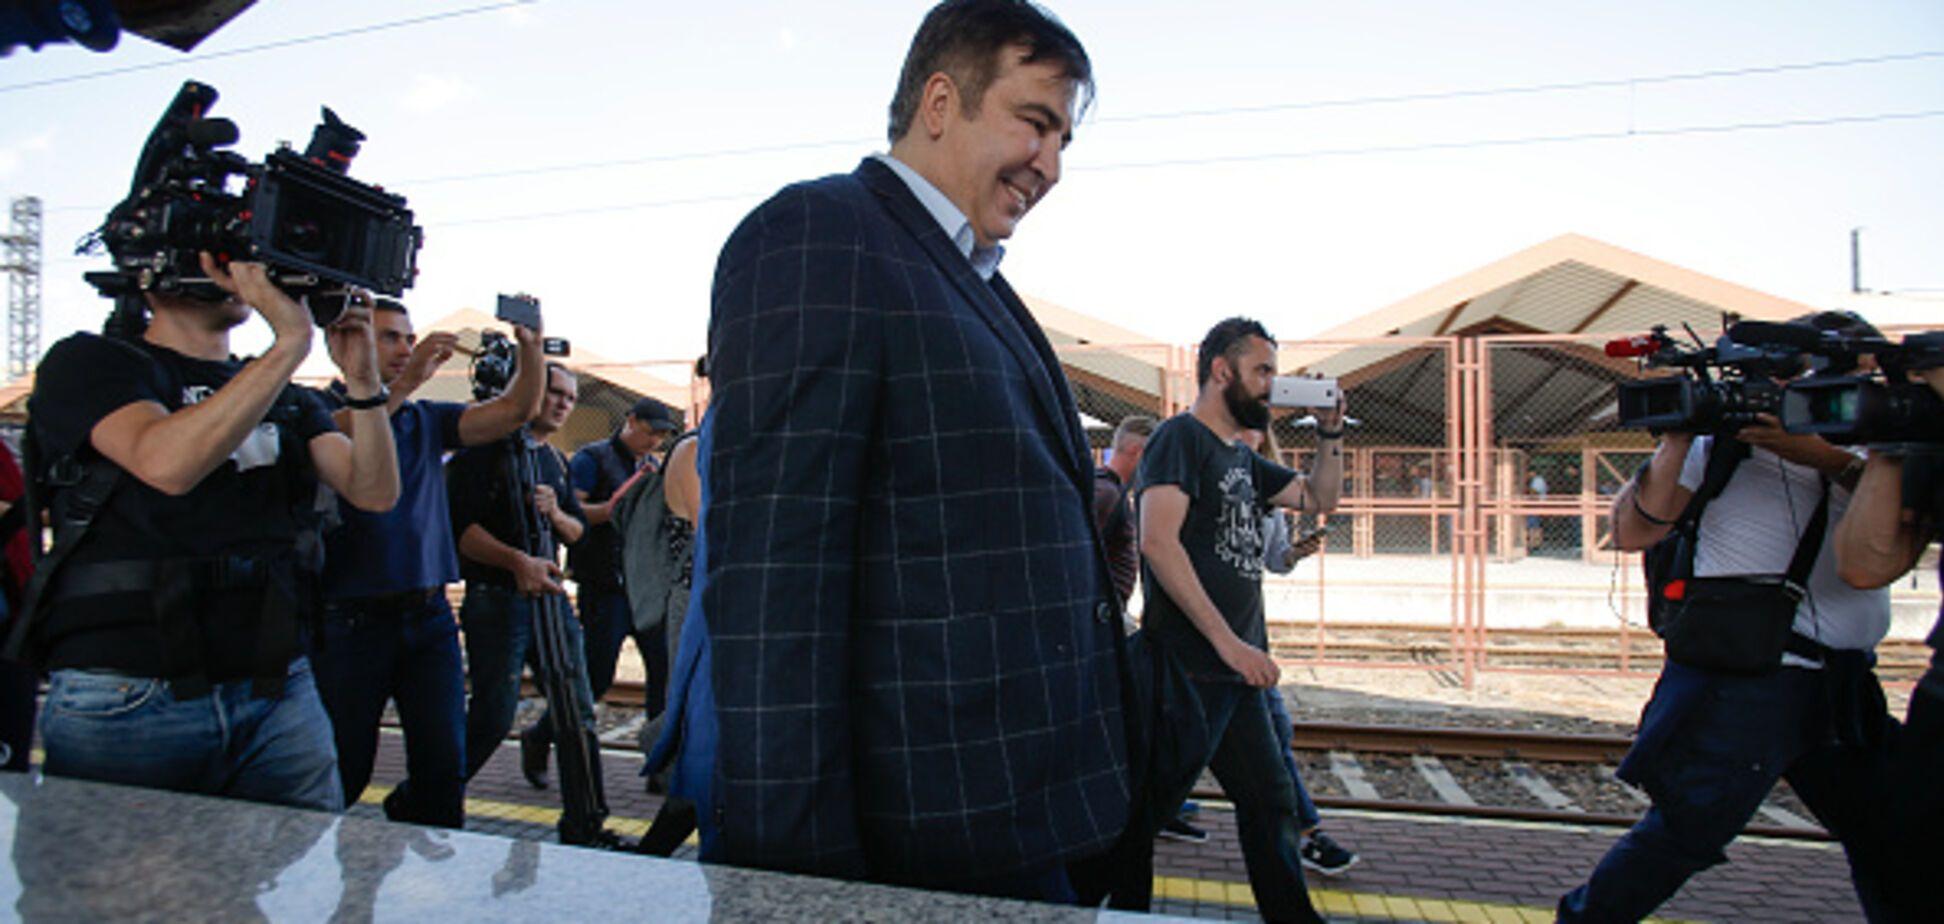 Прорыв Саакашвили в Украину: в СБУ объяснили, кто 'минировал' границу